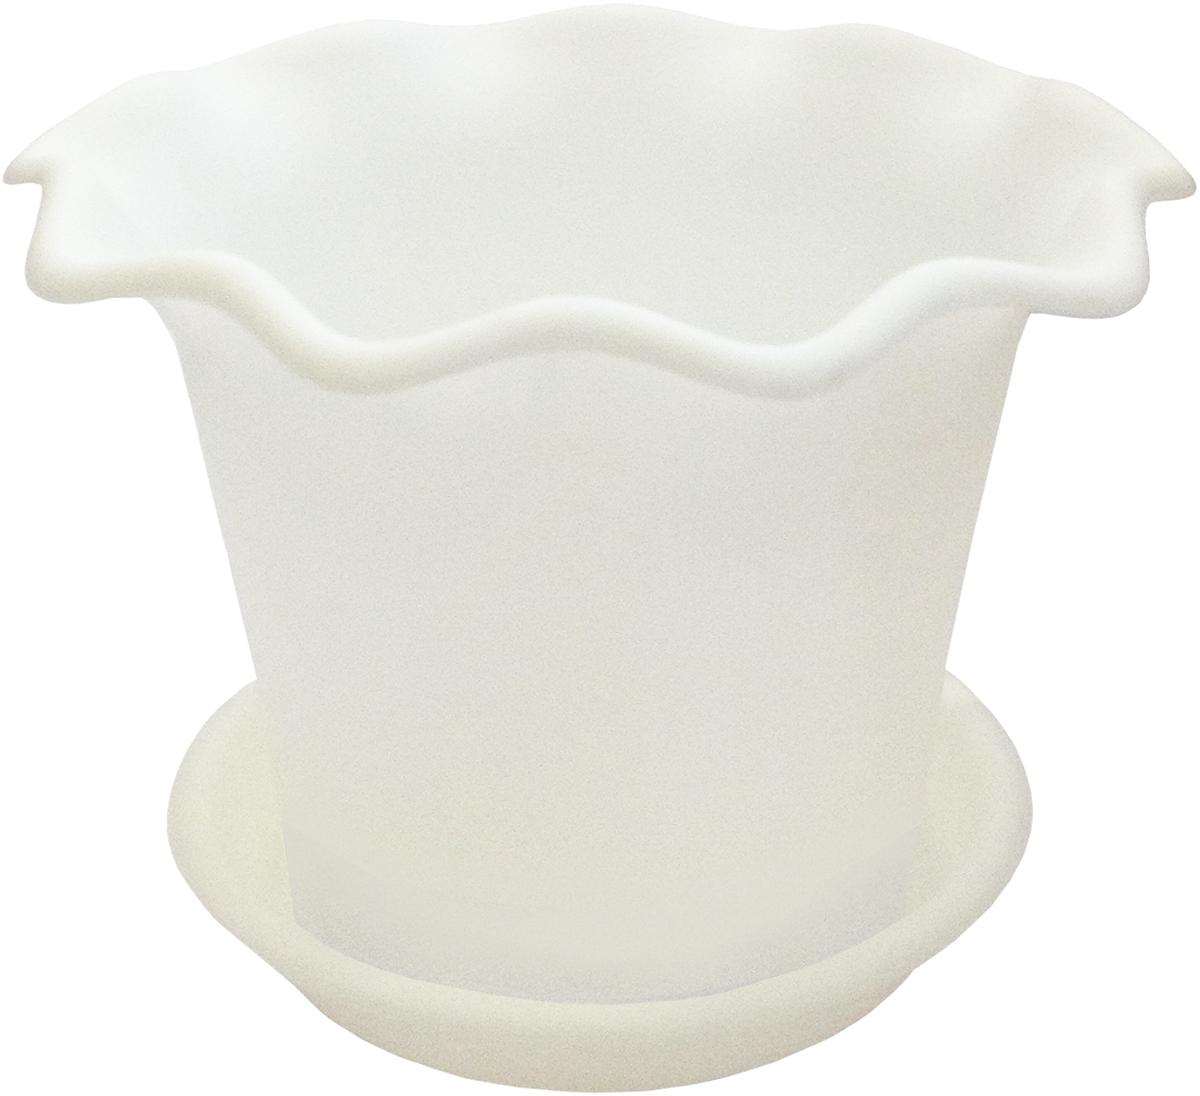 Горшок для цветов InGreen Бали, с поддоном, цвет: белый, диаметр 18 смING45018БЛГоршок InGreen Бали выполнен из высококачественного полипропилена (пластика) и предназначен для выращивания цветов, растений и трав. Снабжен поддоном для стока воды. Такой горшок порадует вас функциональностью, а благодаря лаконичному дизайну впишется в любой интерьер помещения. Диаметр горшка (по верхнему краю): 18 см. Высота горшка: 14 см.